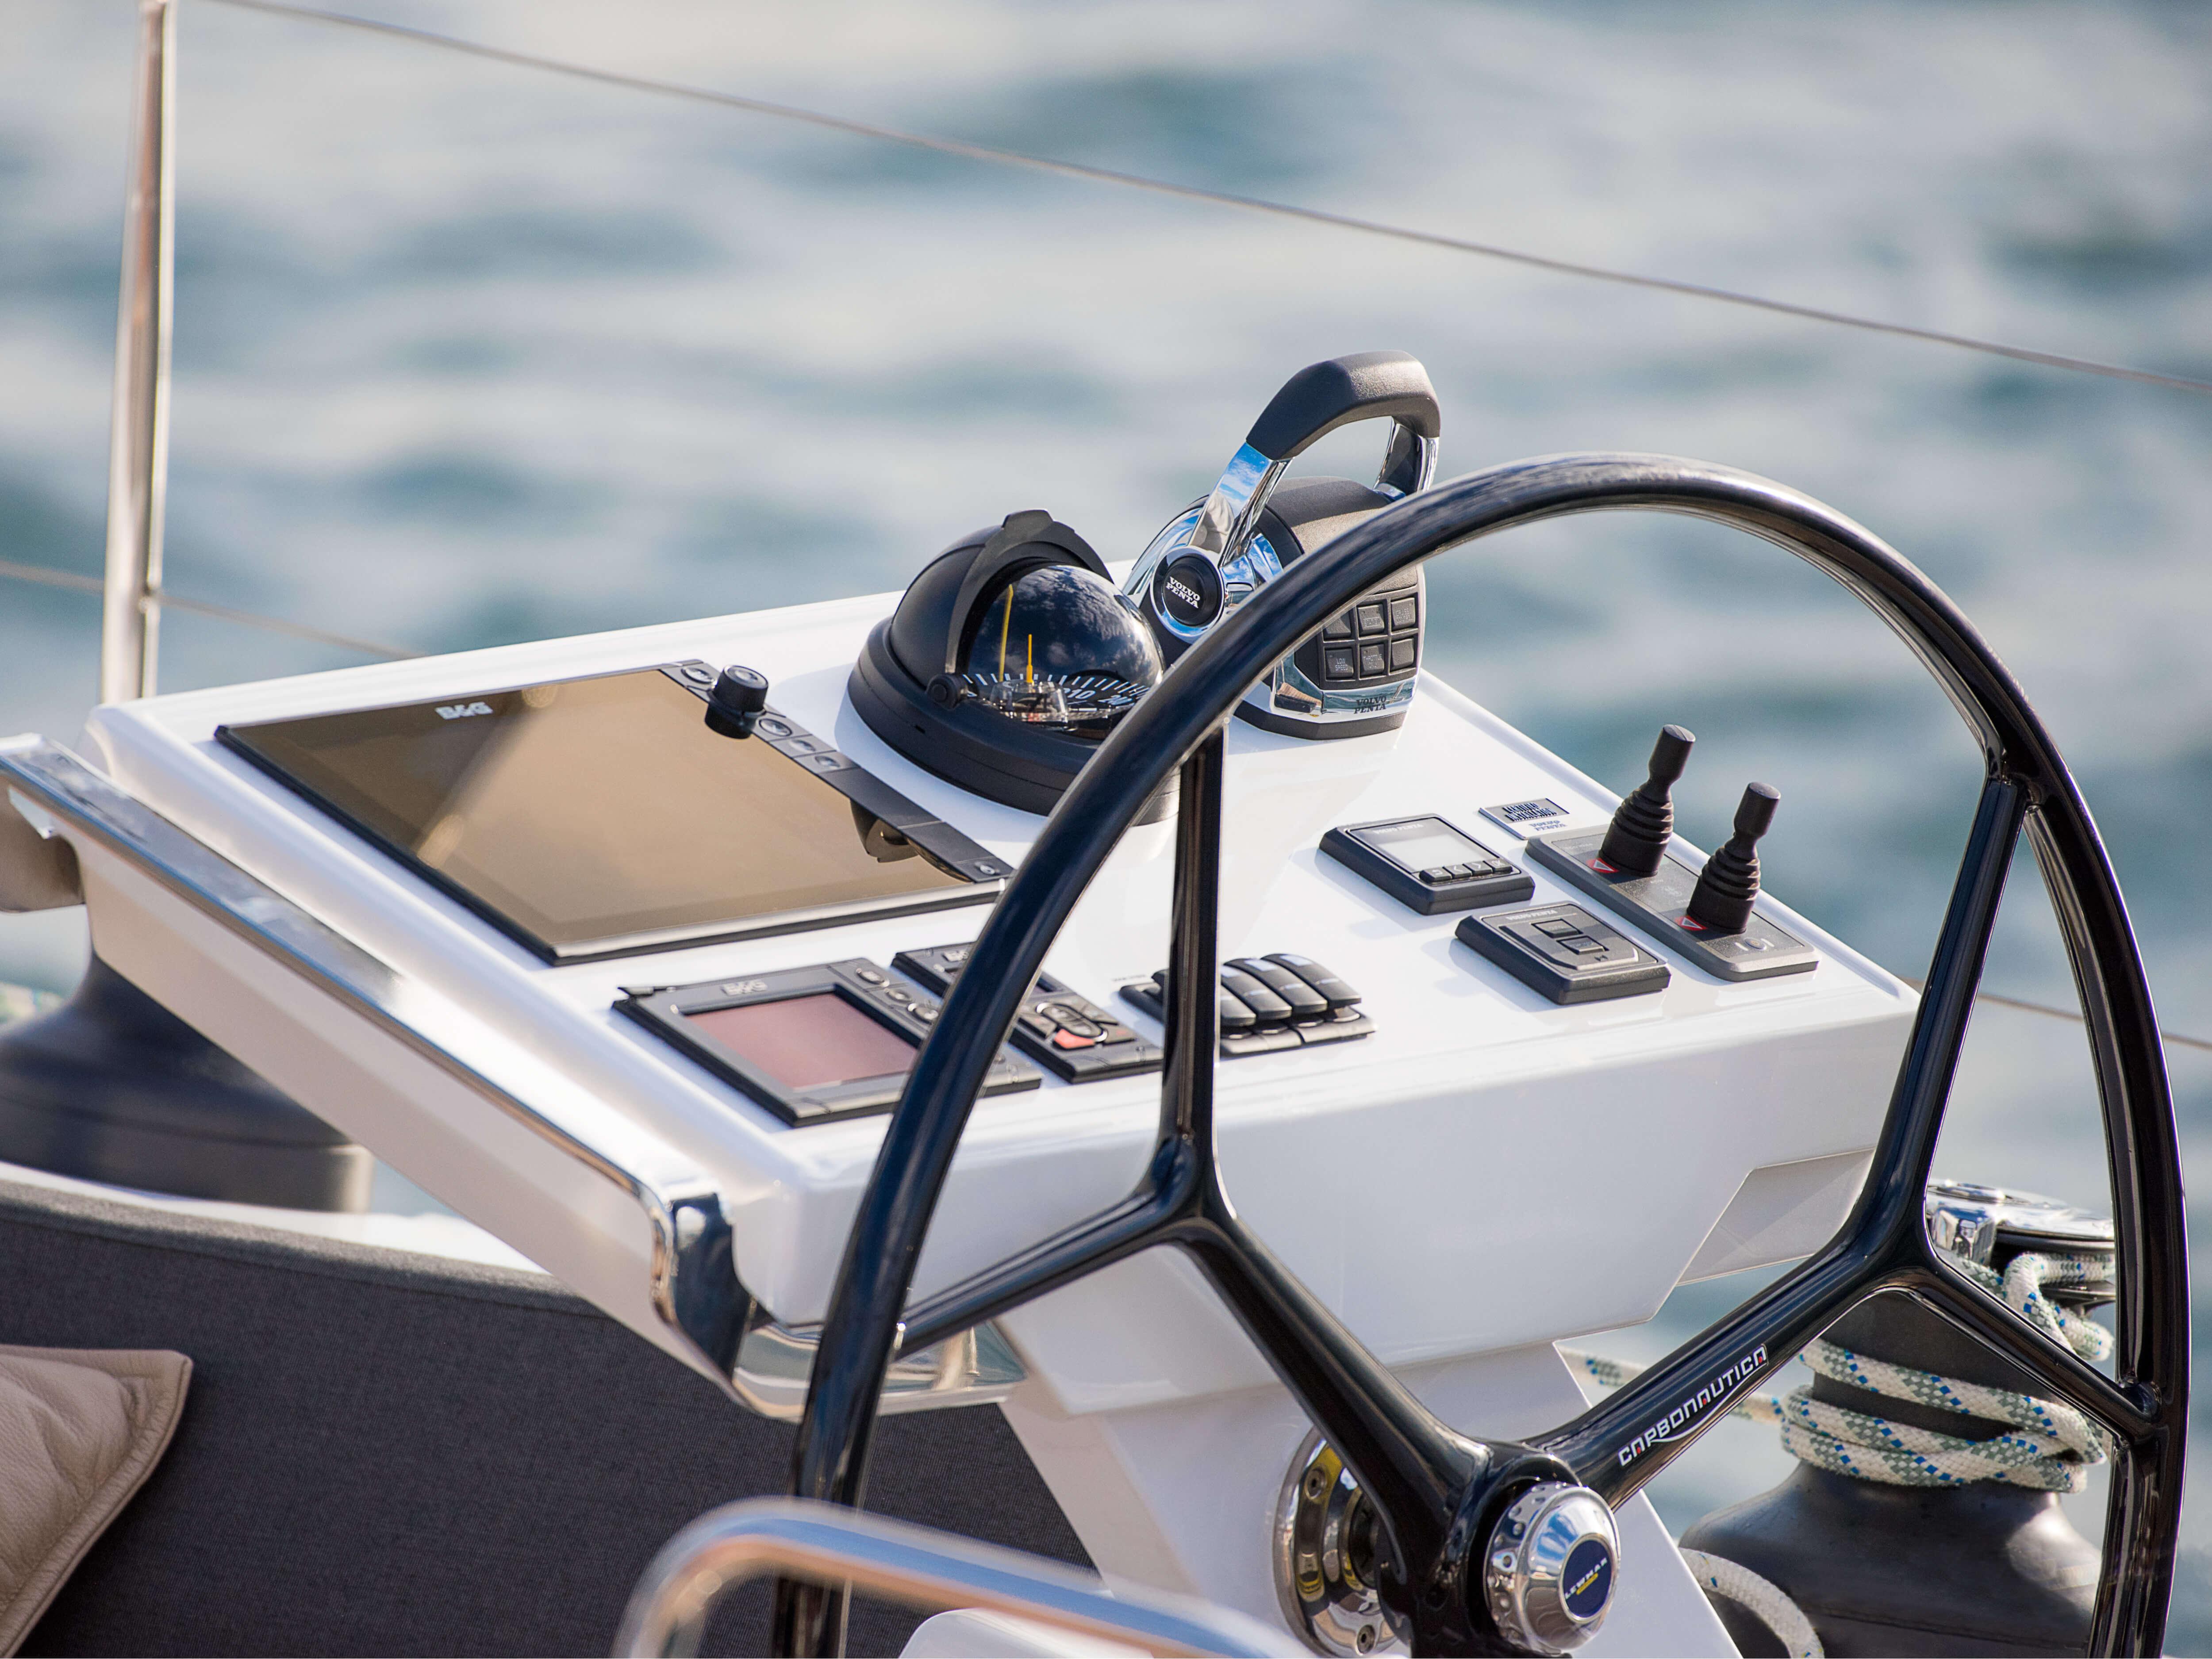 Hanse 588 Exterior view | multi-function display, steering wheel | Hanse